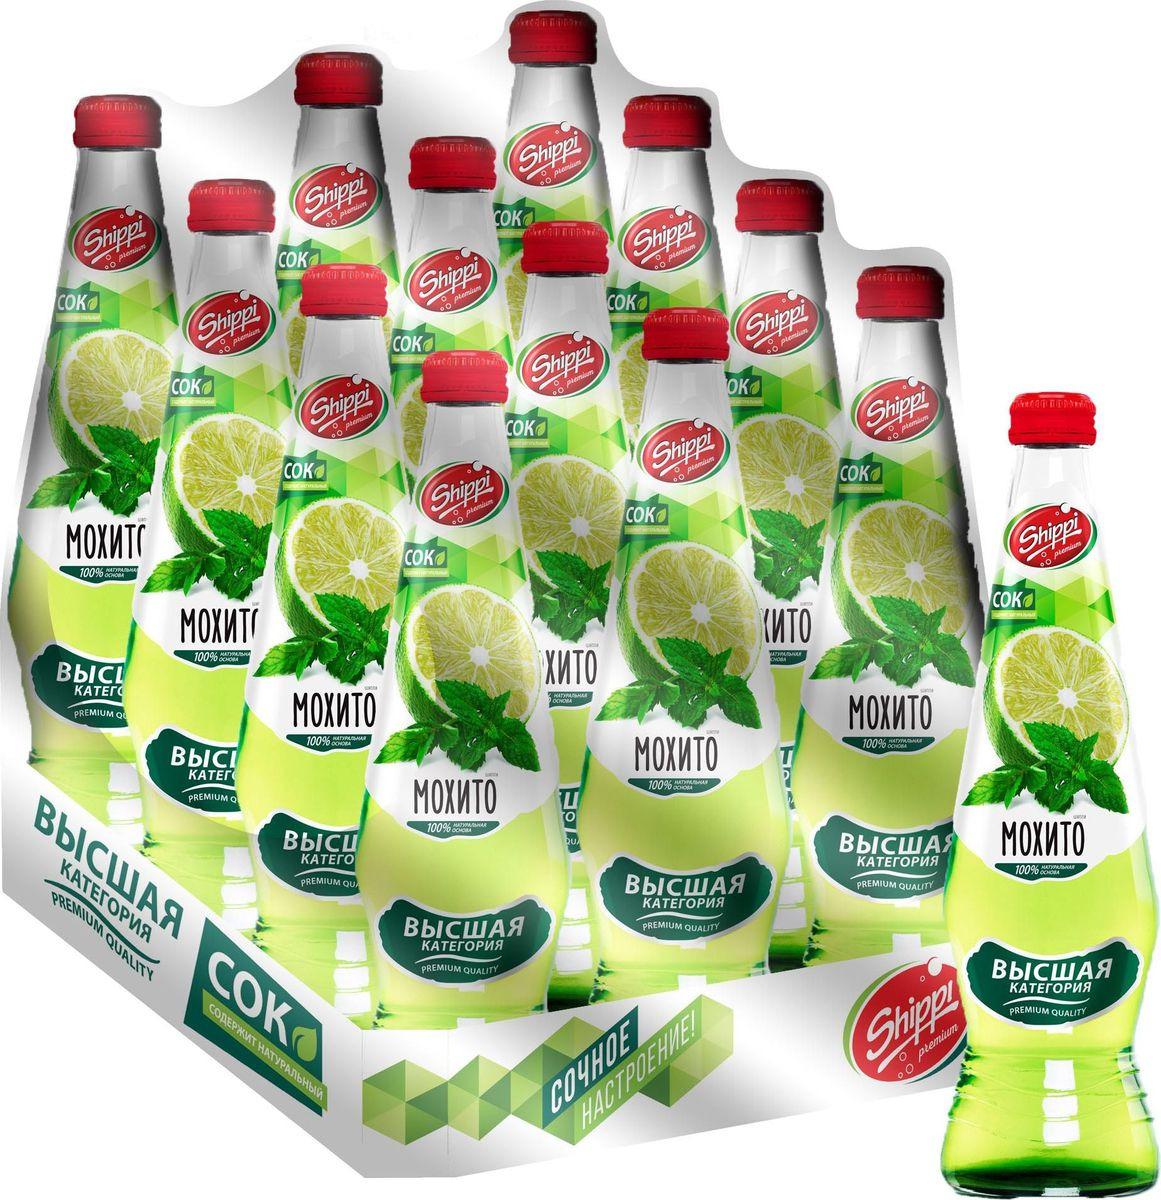 Лимонад Shippi Premium Мохито, 12 шт х 500 мл лимонад fruktomania мохито 12 шт по 0 5 л